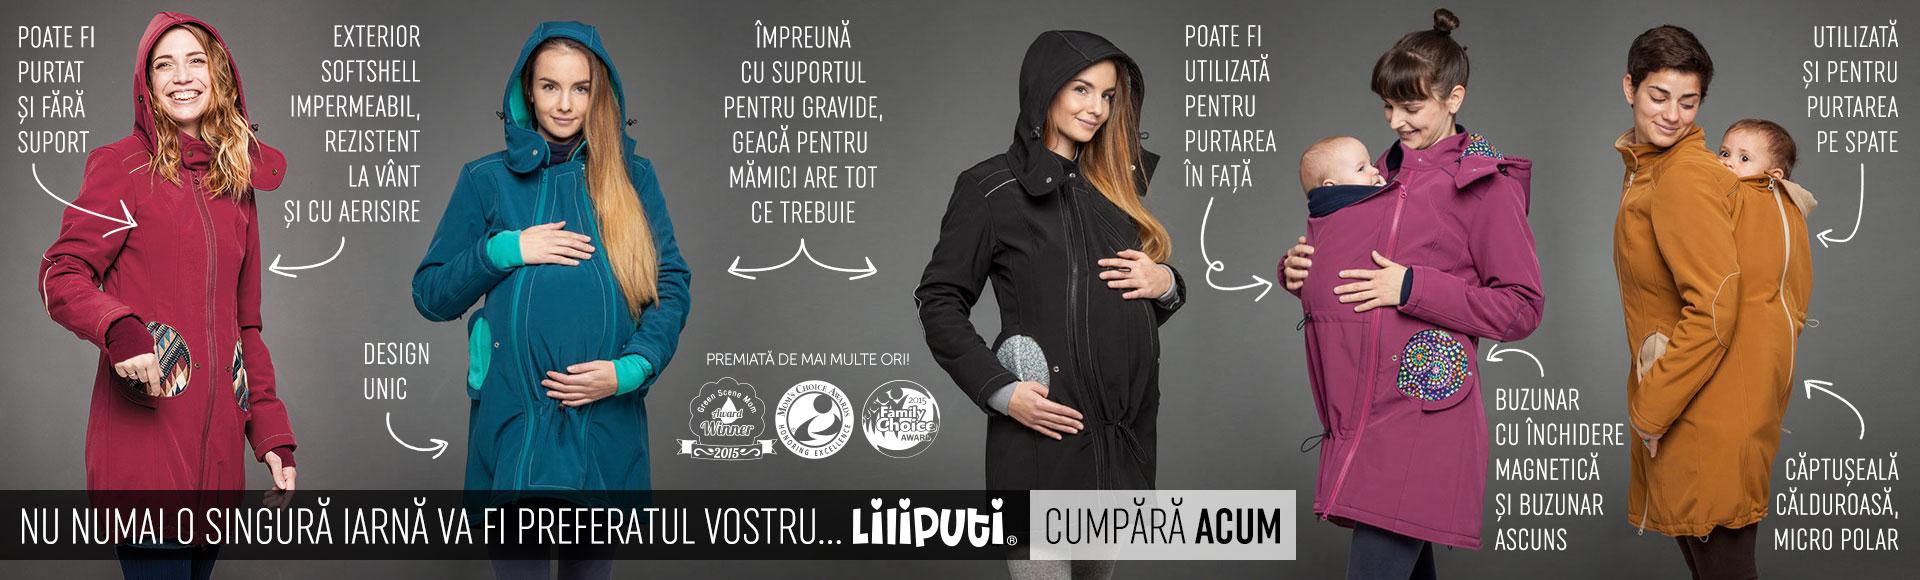 Banner - Geaca pentru mamici Liliputi